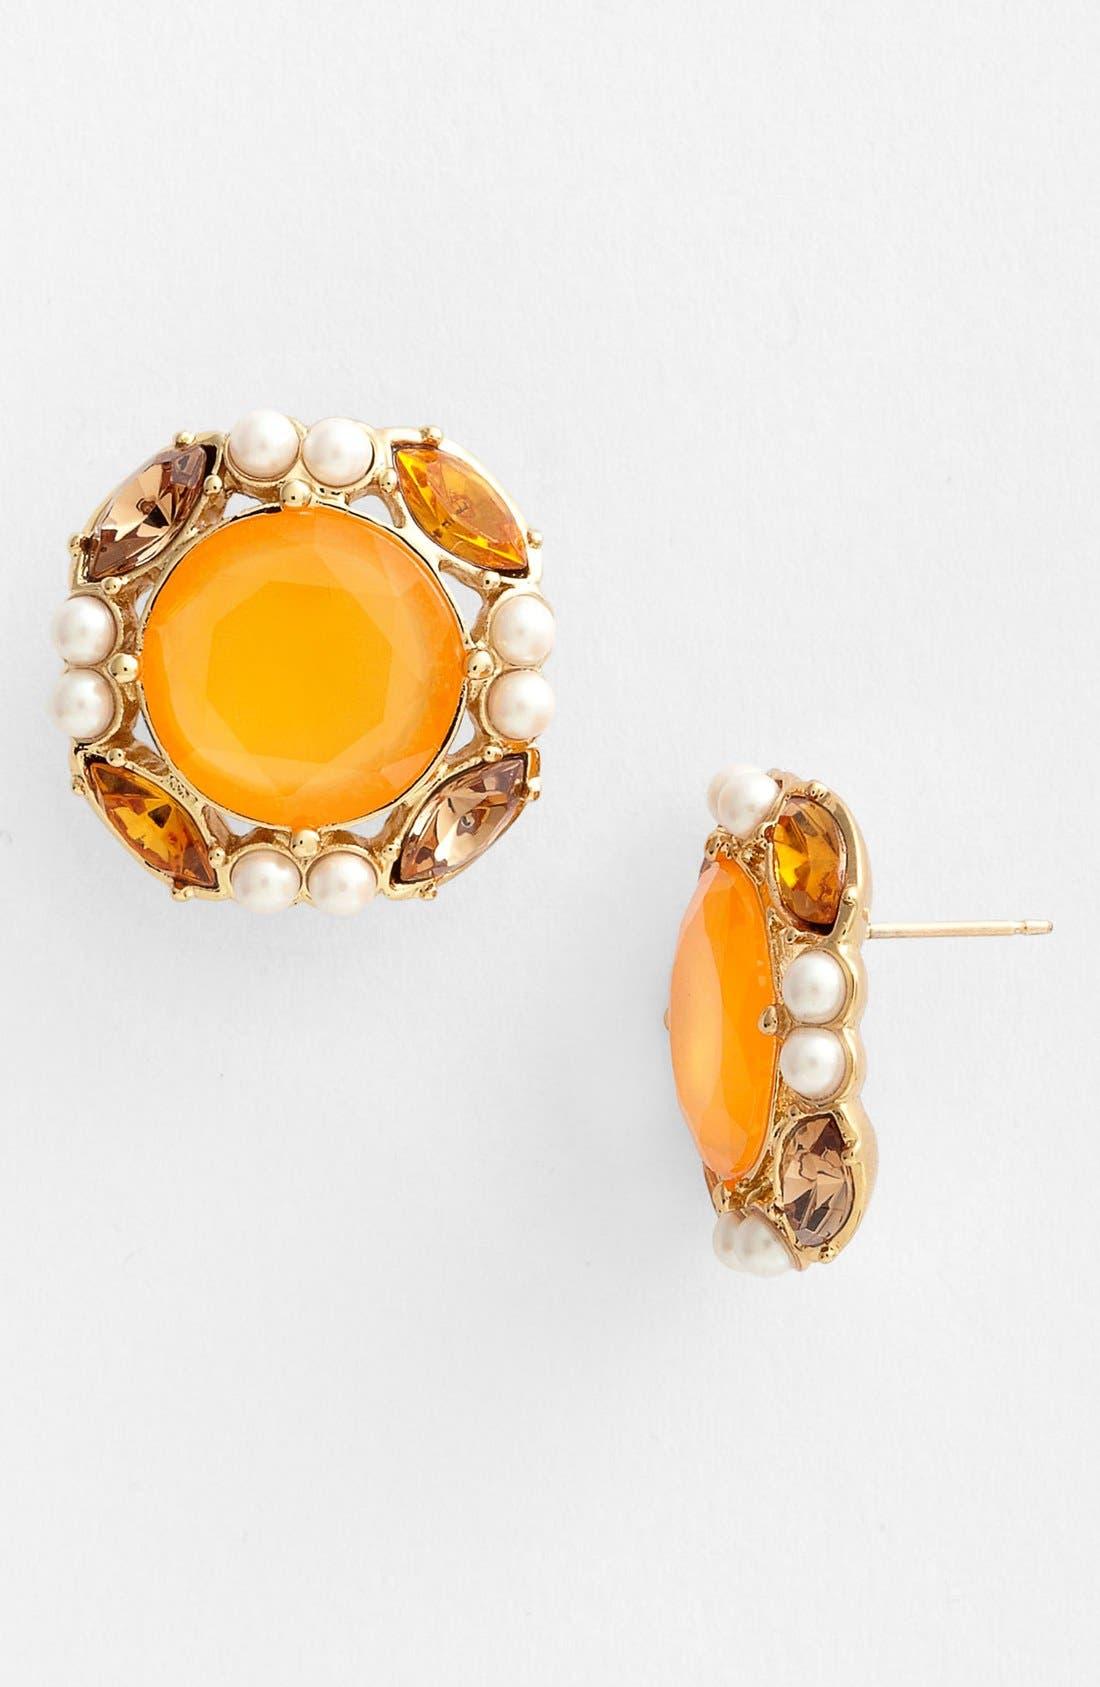 Alternate Image 1 Selected - kate spade new york 'belle fleur' stud earrings